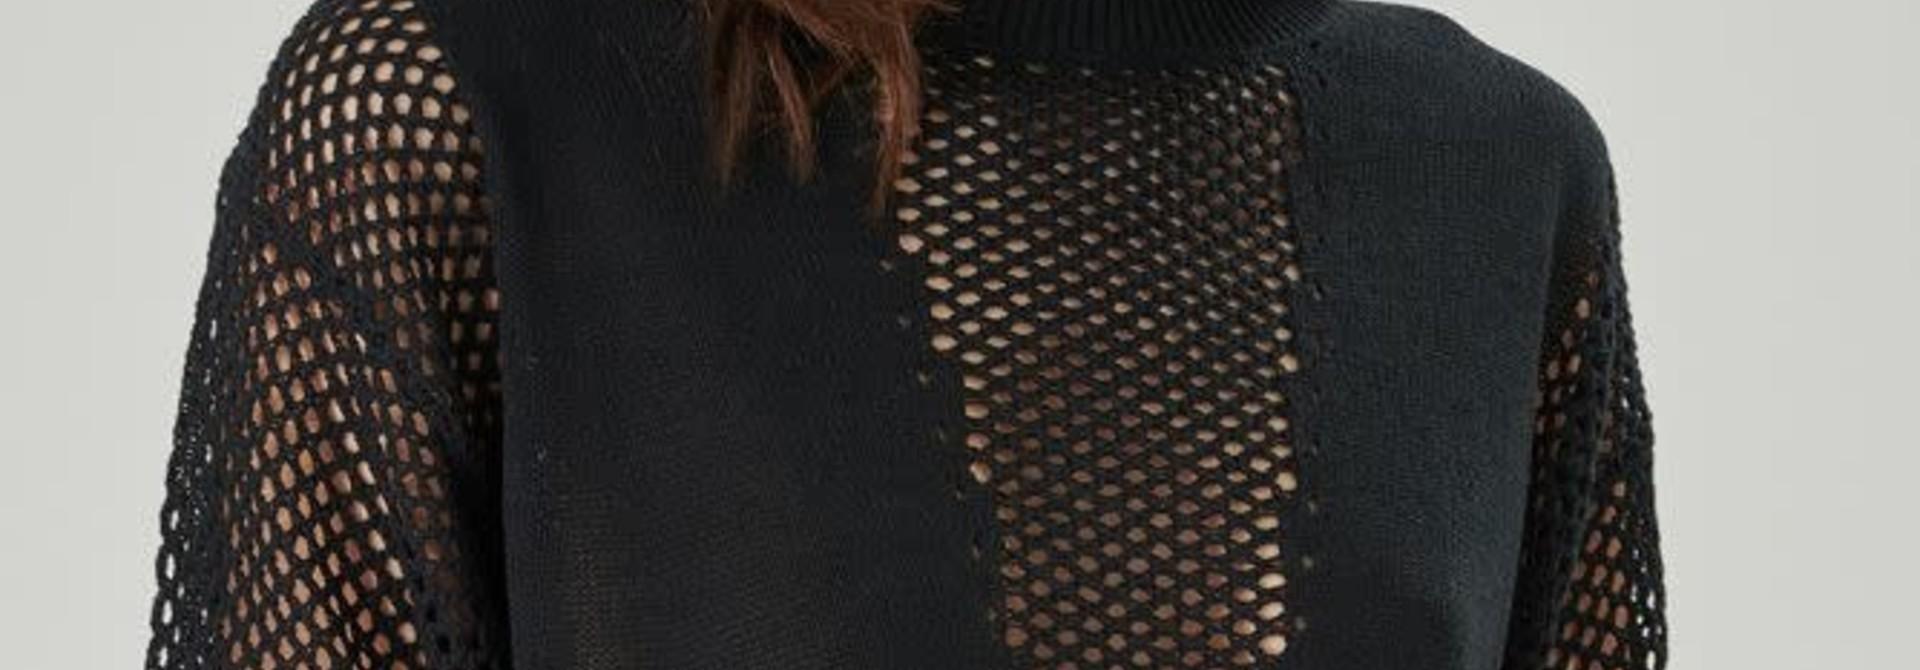 Delia pullover Black